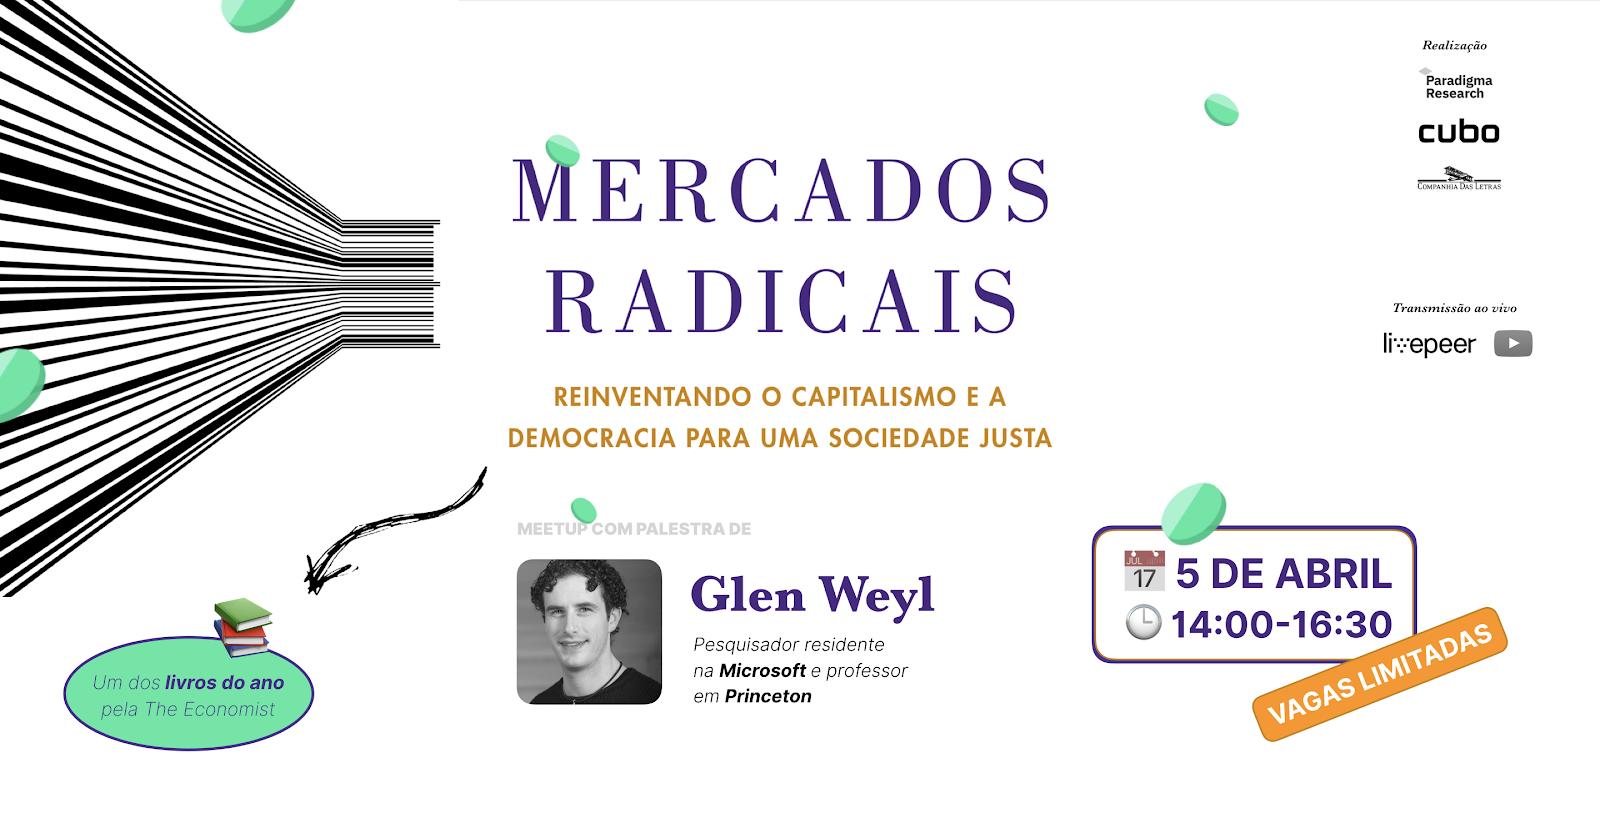 Autor de livro do ano, economista Glen Weyl discute  mercados radicais e criptomoedas nesta sexta em SP